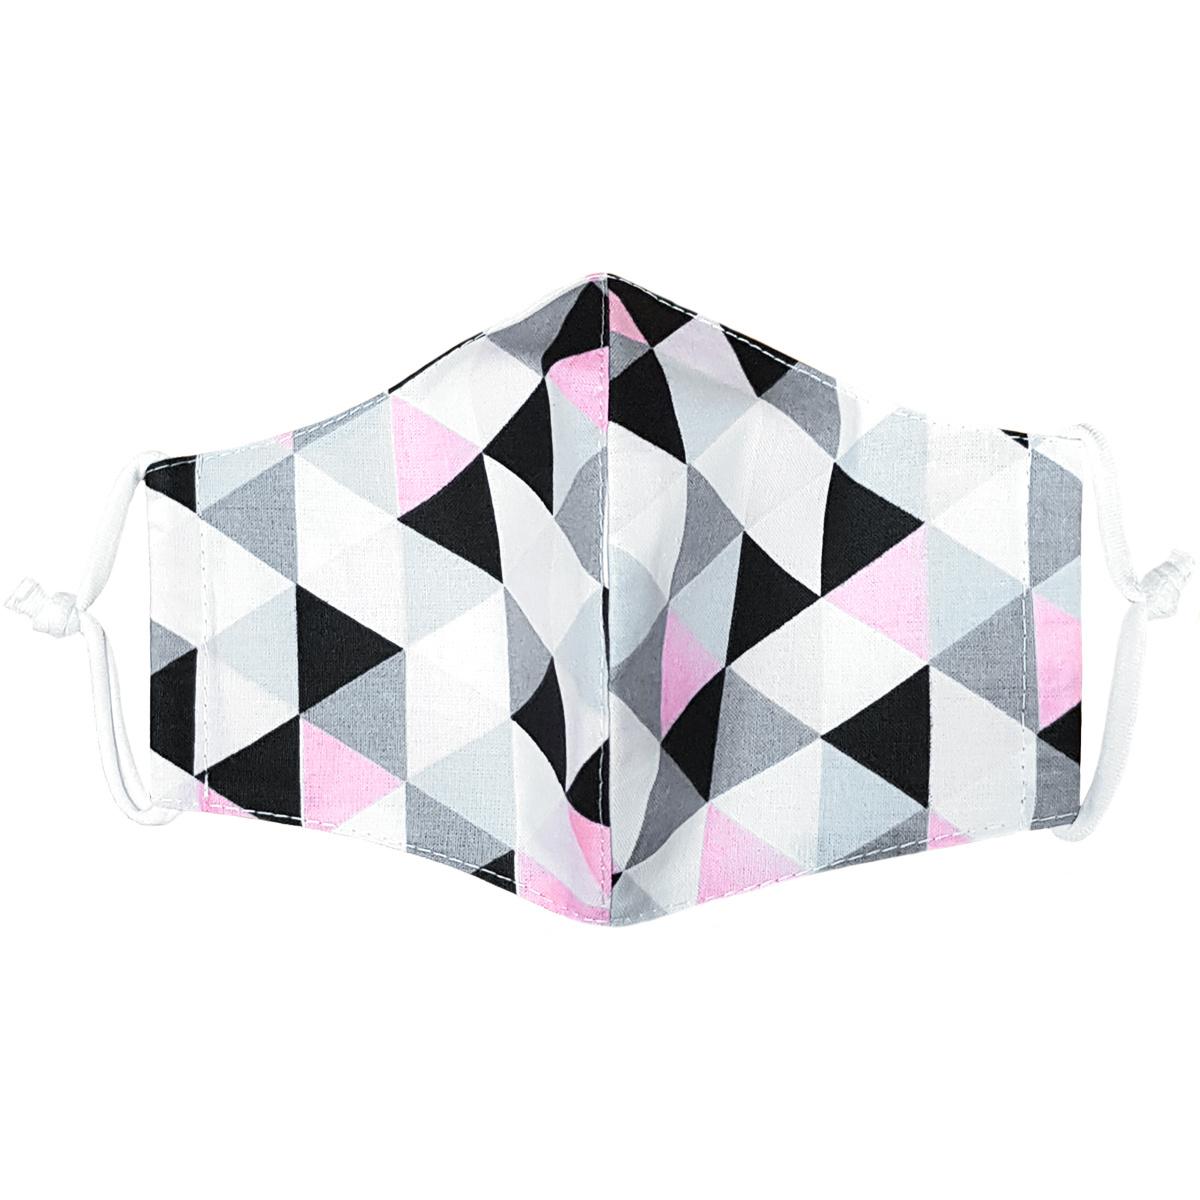 Mască facială din bumbac Triangle roz-gri copii 3 - 6 ani imagine 2021 e4home.ro